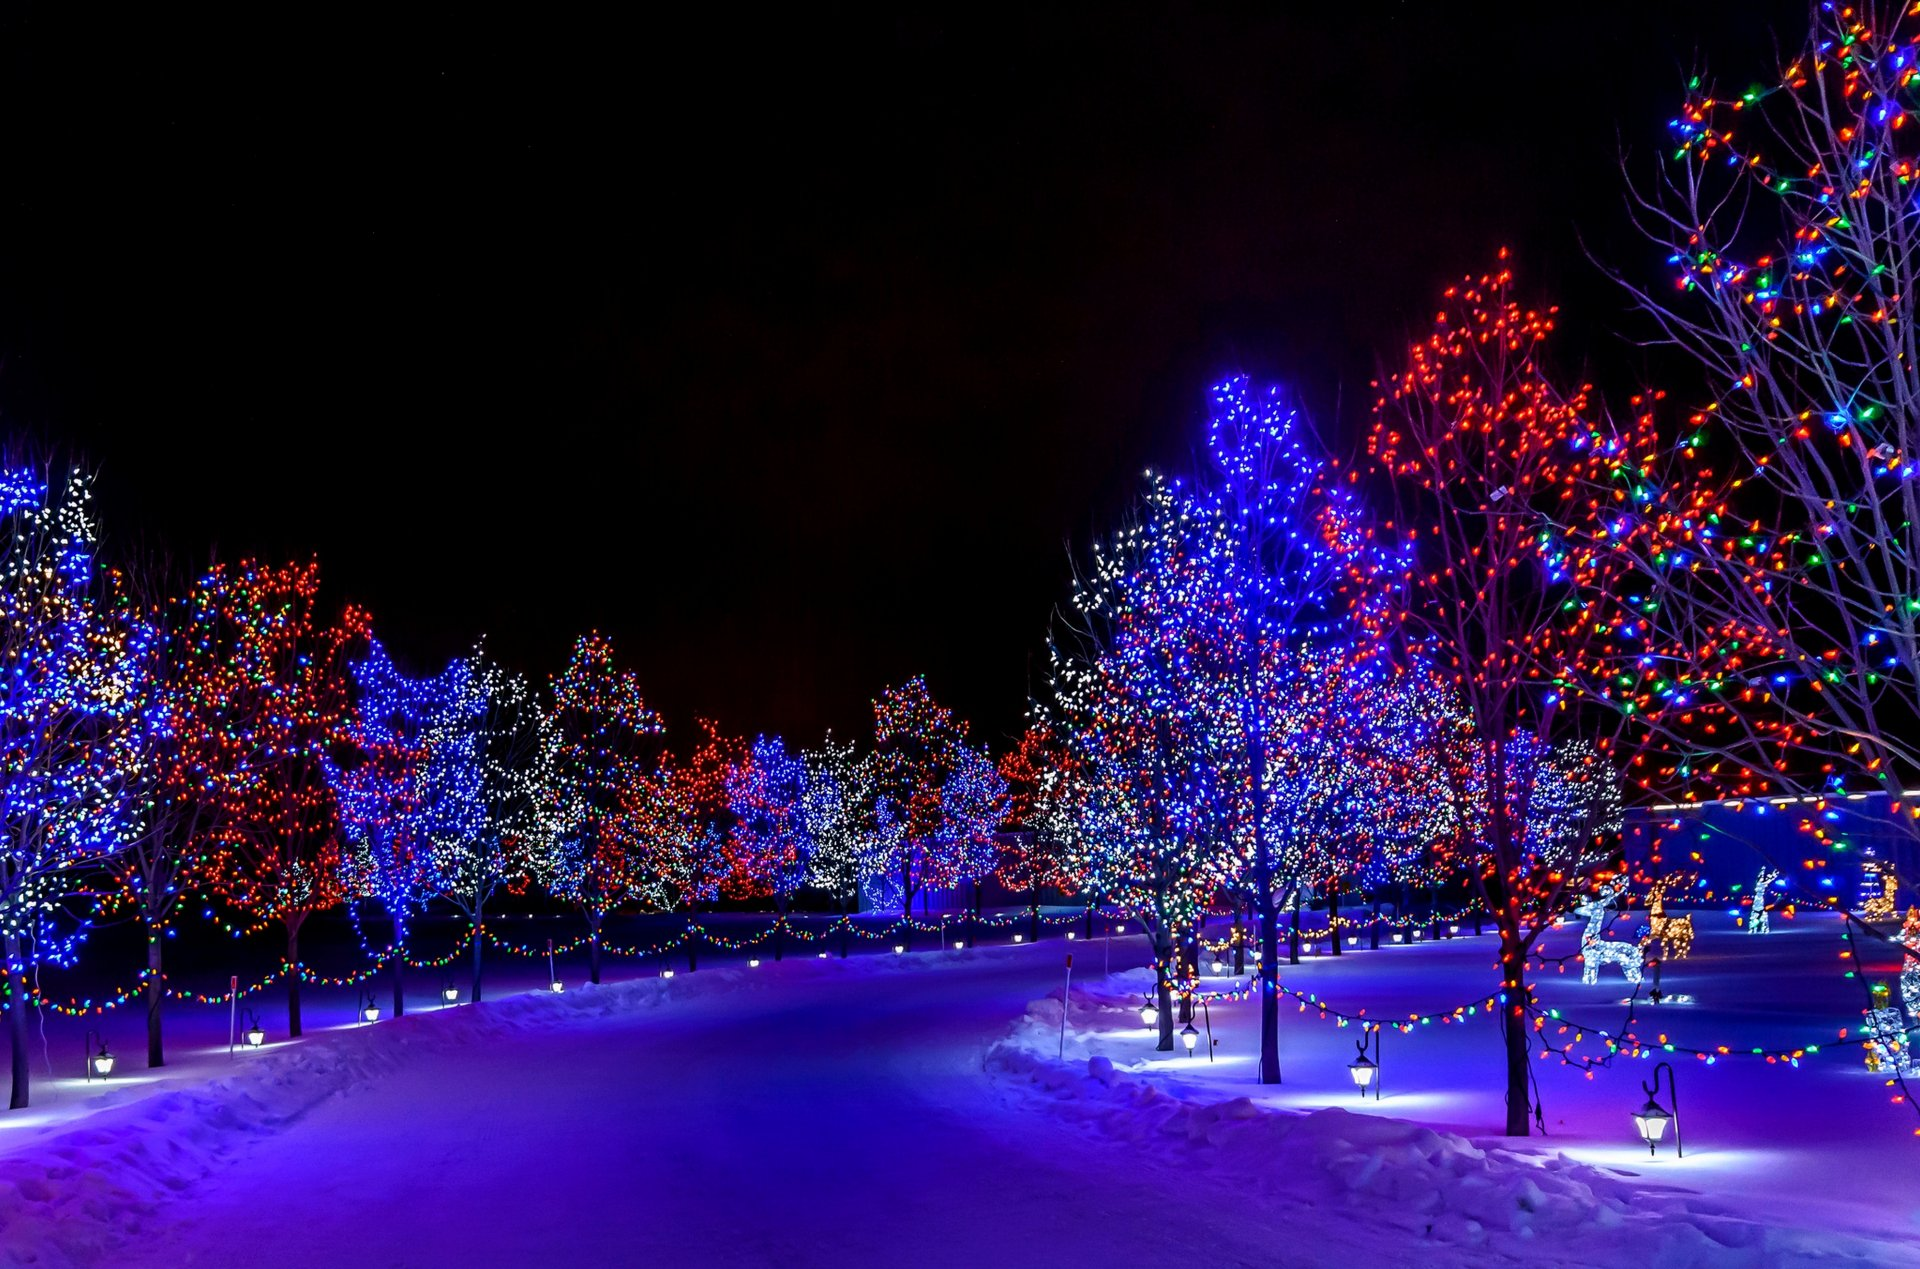 новый год домик огоньки поезд снег загрузить